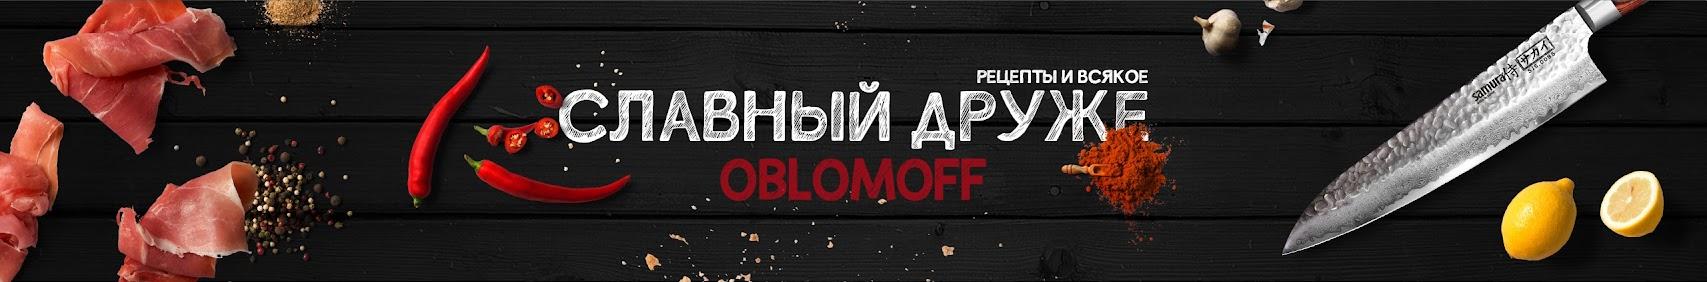 Канал пользователя oblomoff